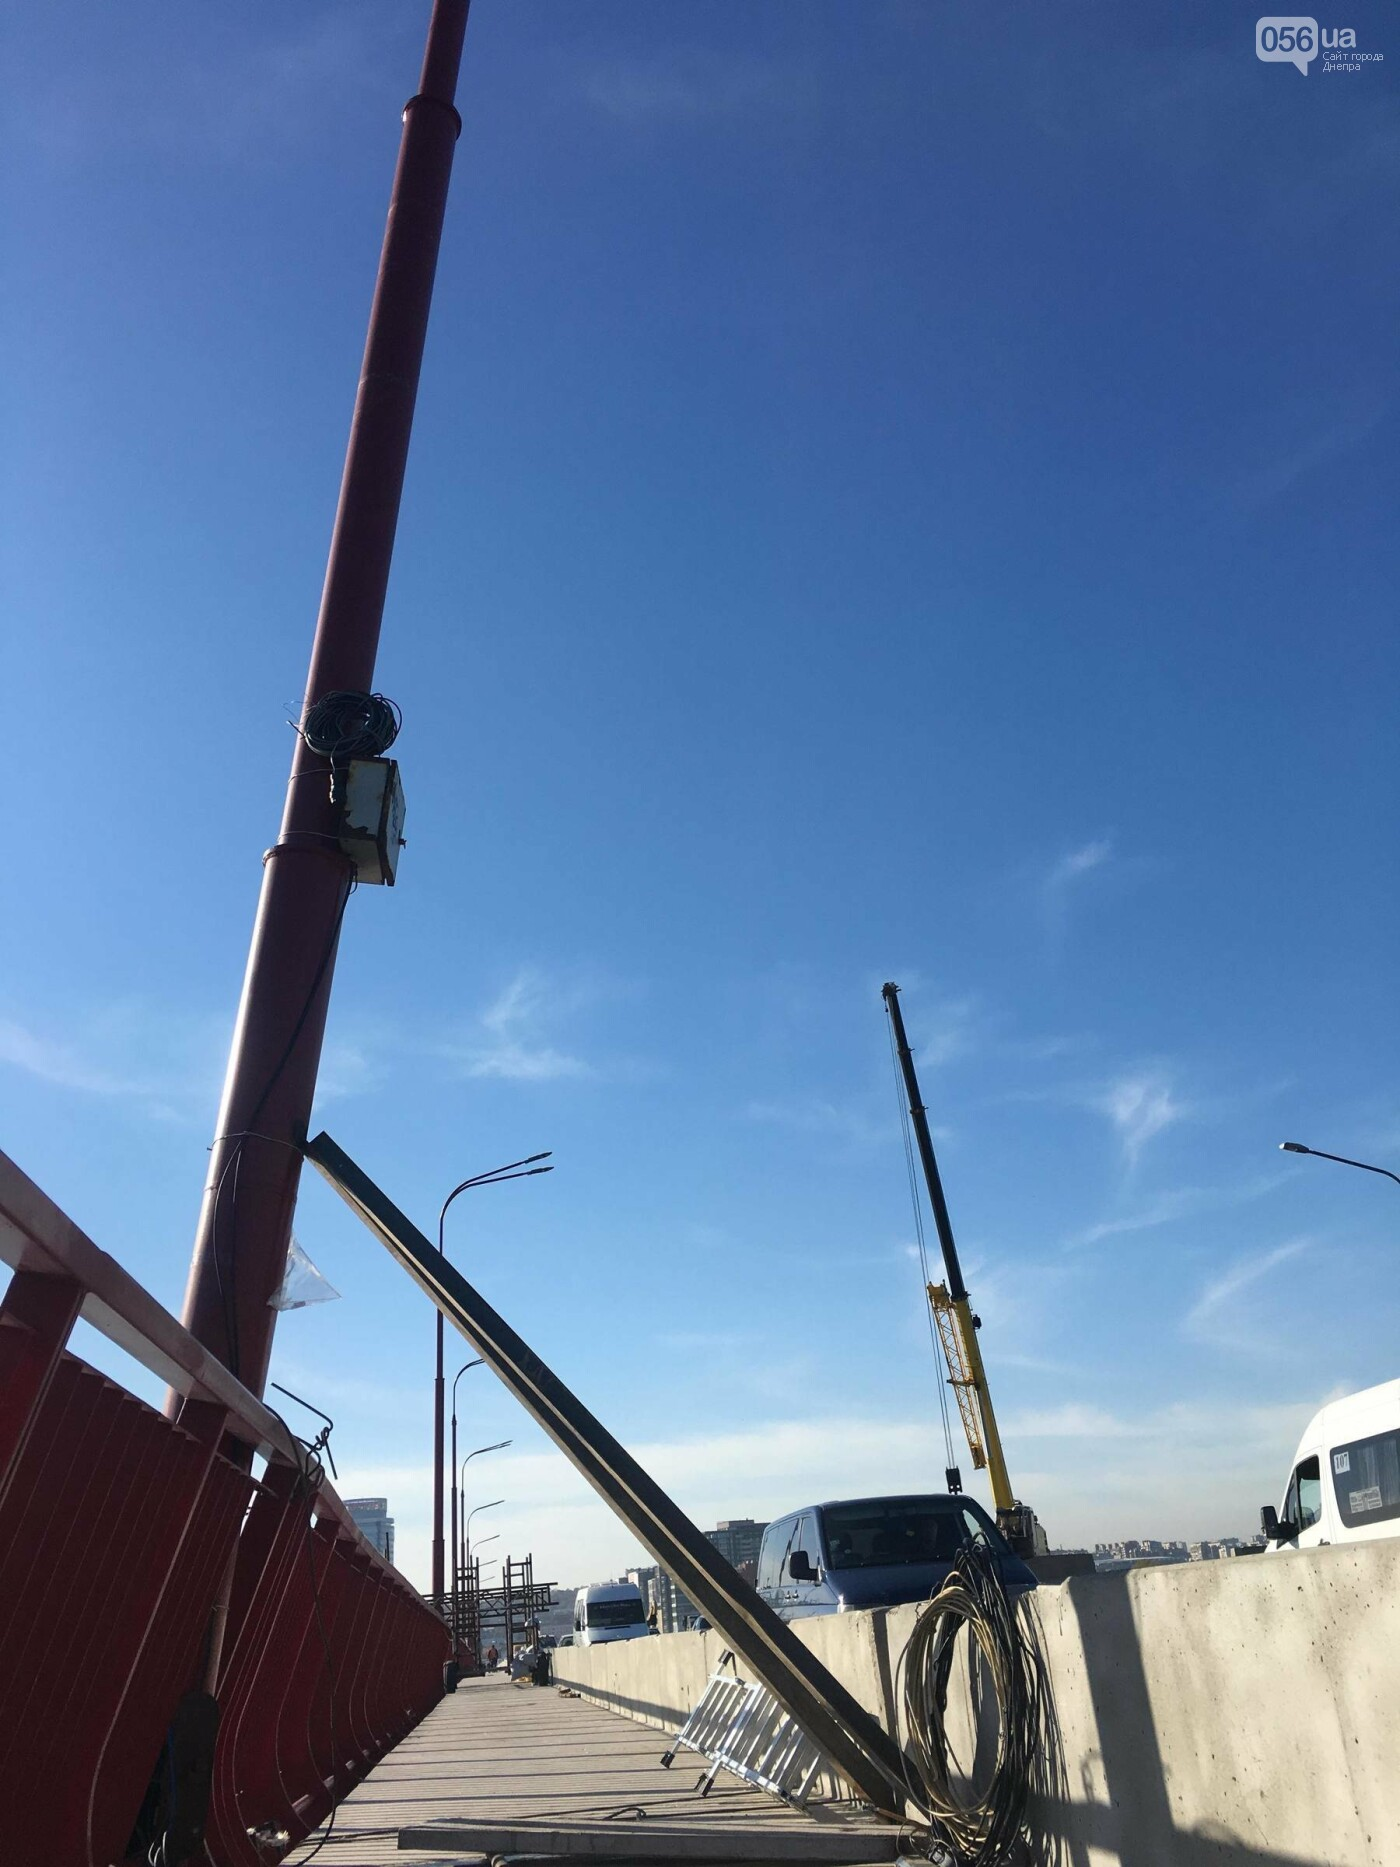 На Новом мосту в Днепре продолжает падать фонарный столб: что с ним будут делать, - ФОТО,  ВИДЕО, фото-1